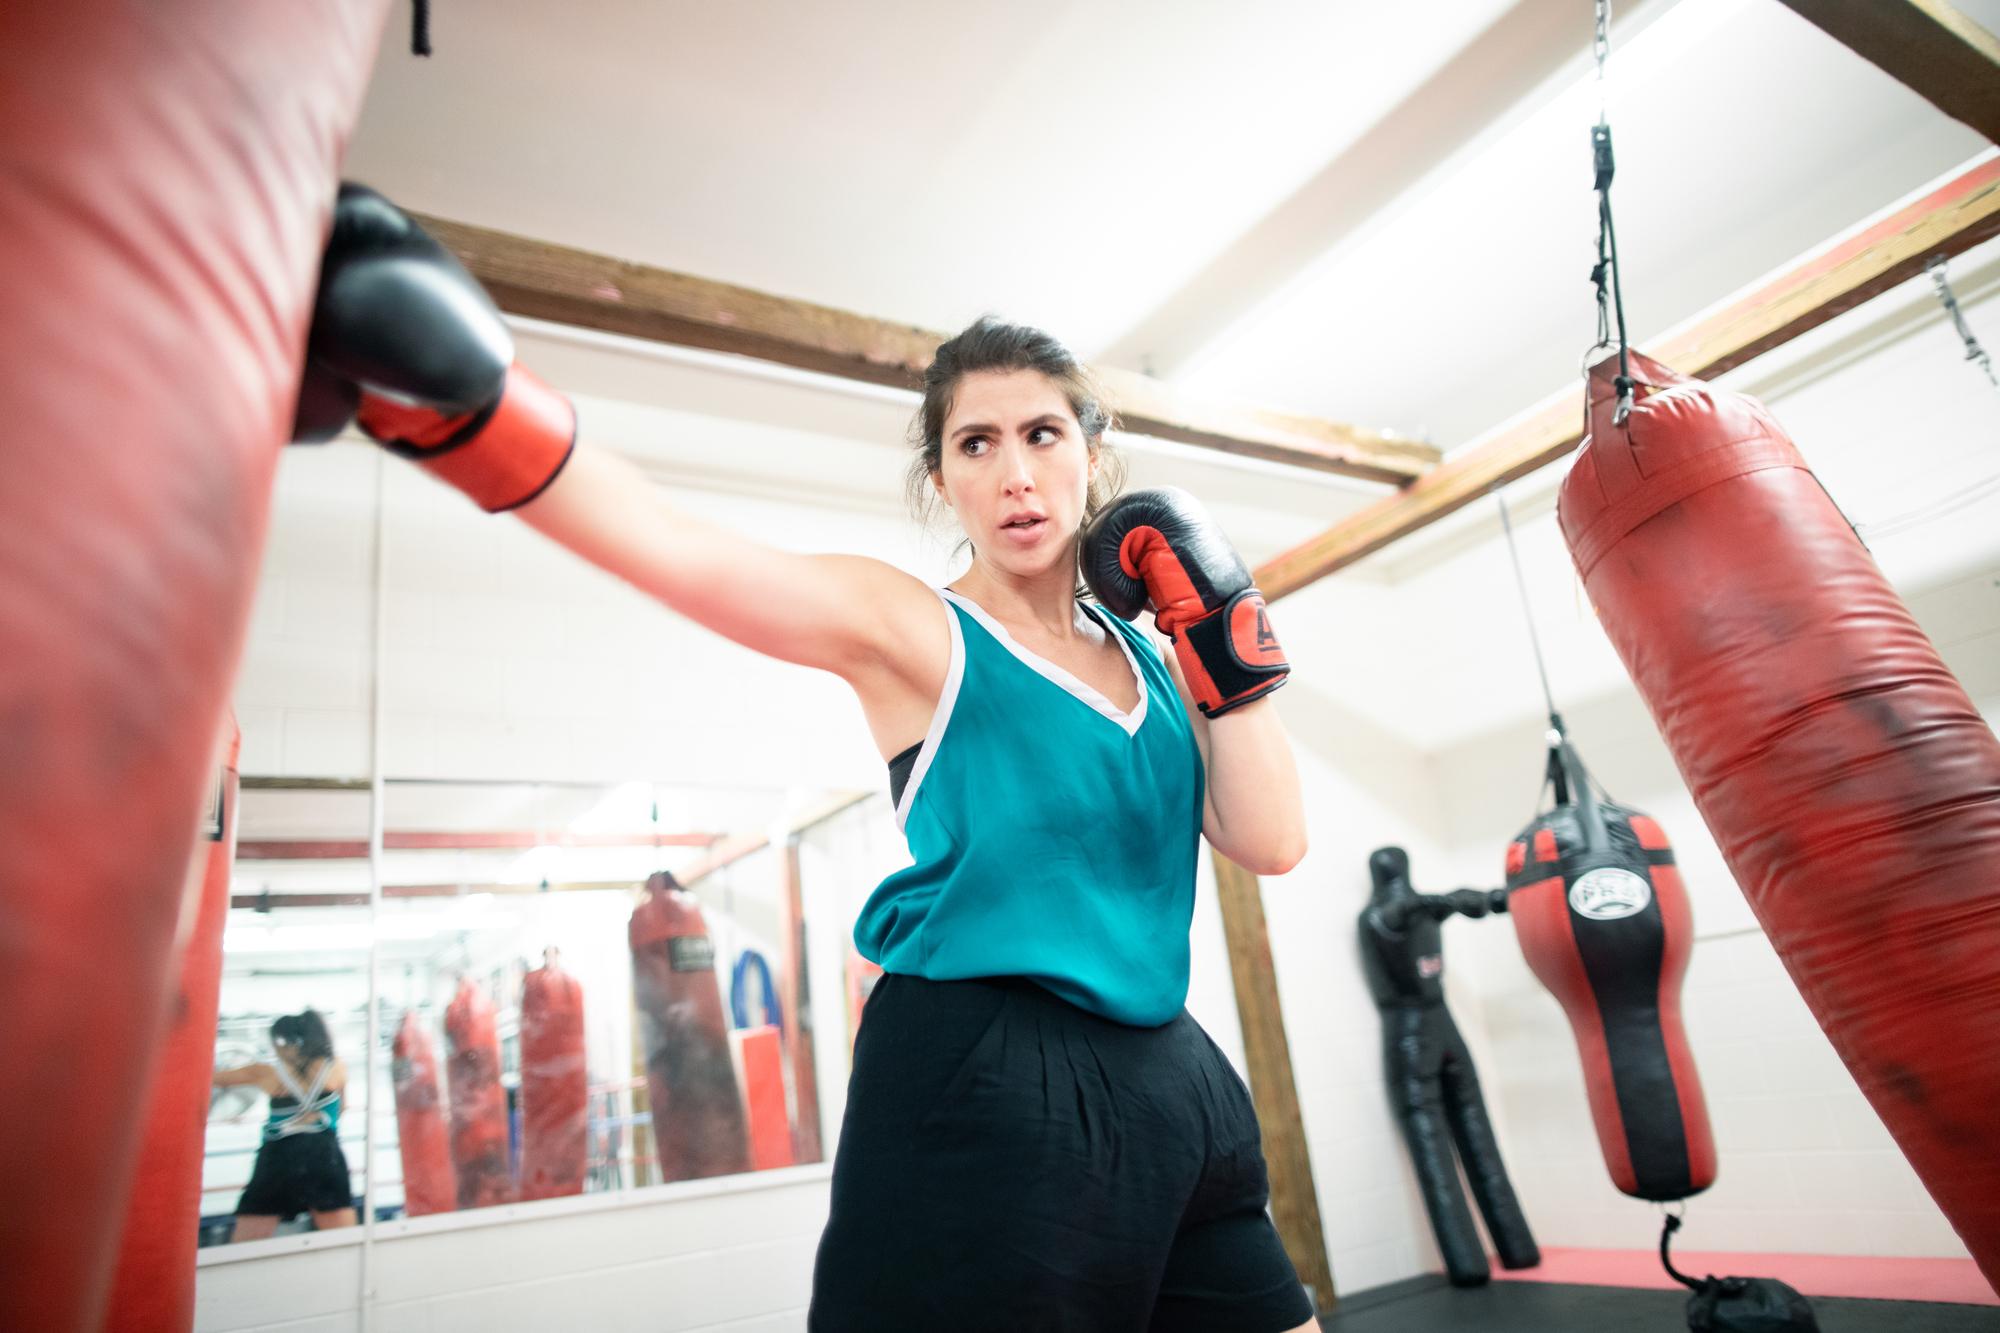 さっそく女性向けのキックボクシングの習い事にチャレンジ!